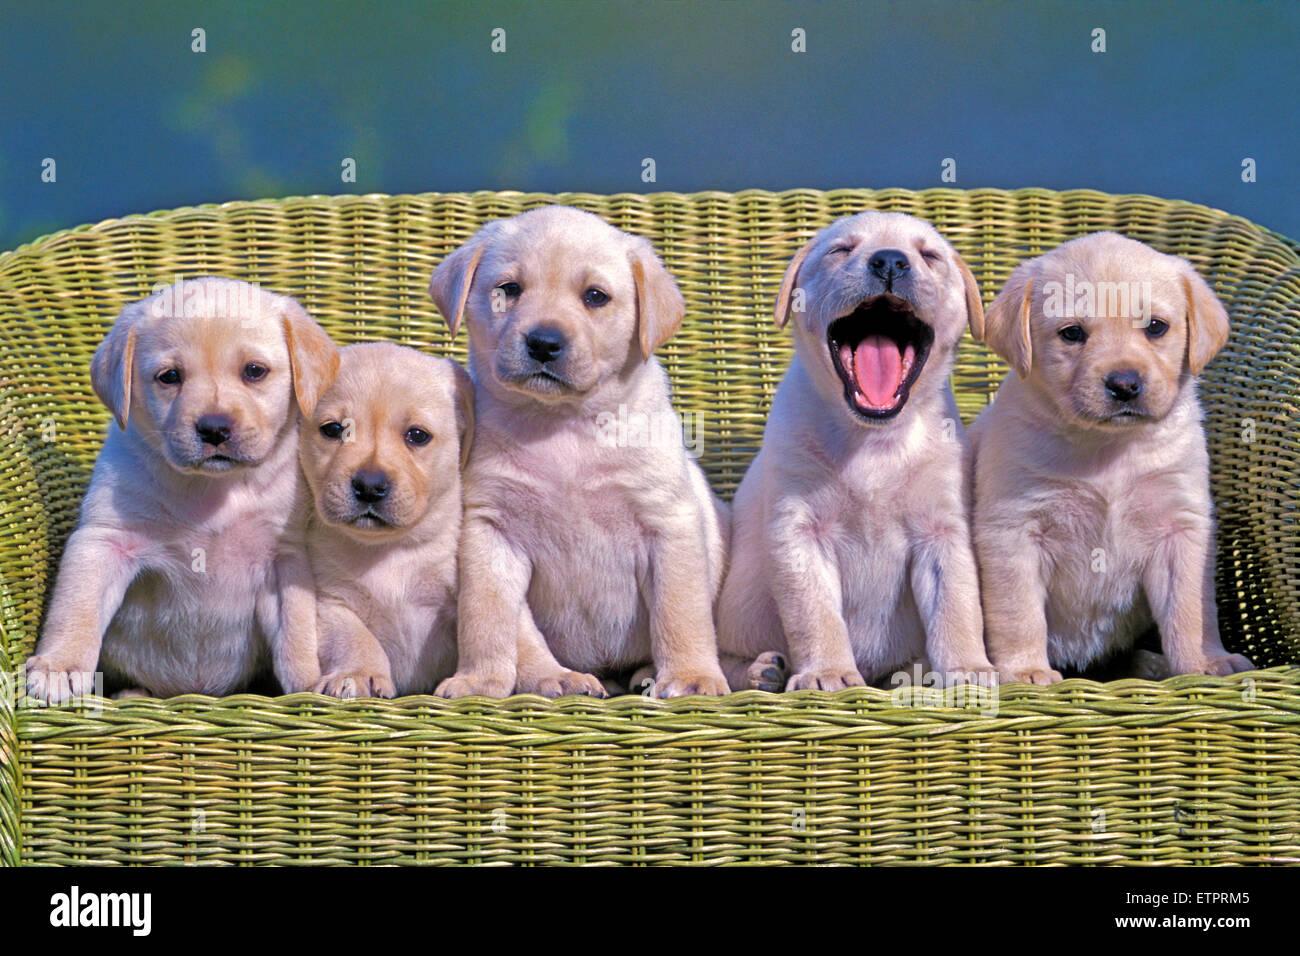 Cinque Labrador Retriever cuccioli, otto settimane di età in posa nella sedia di vimini Immagini Stock